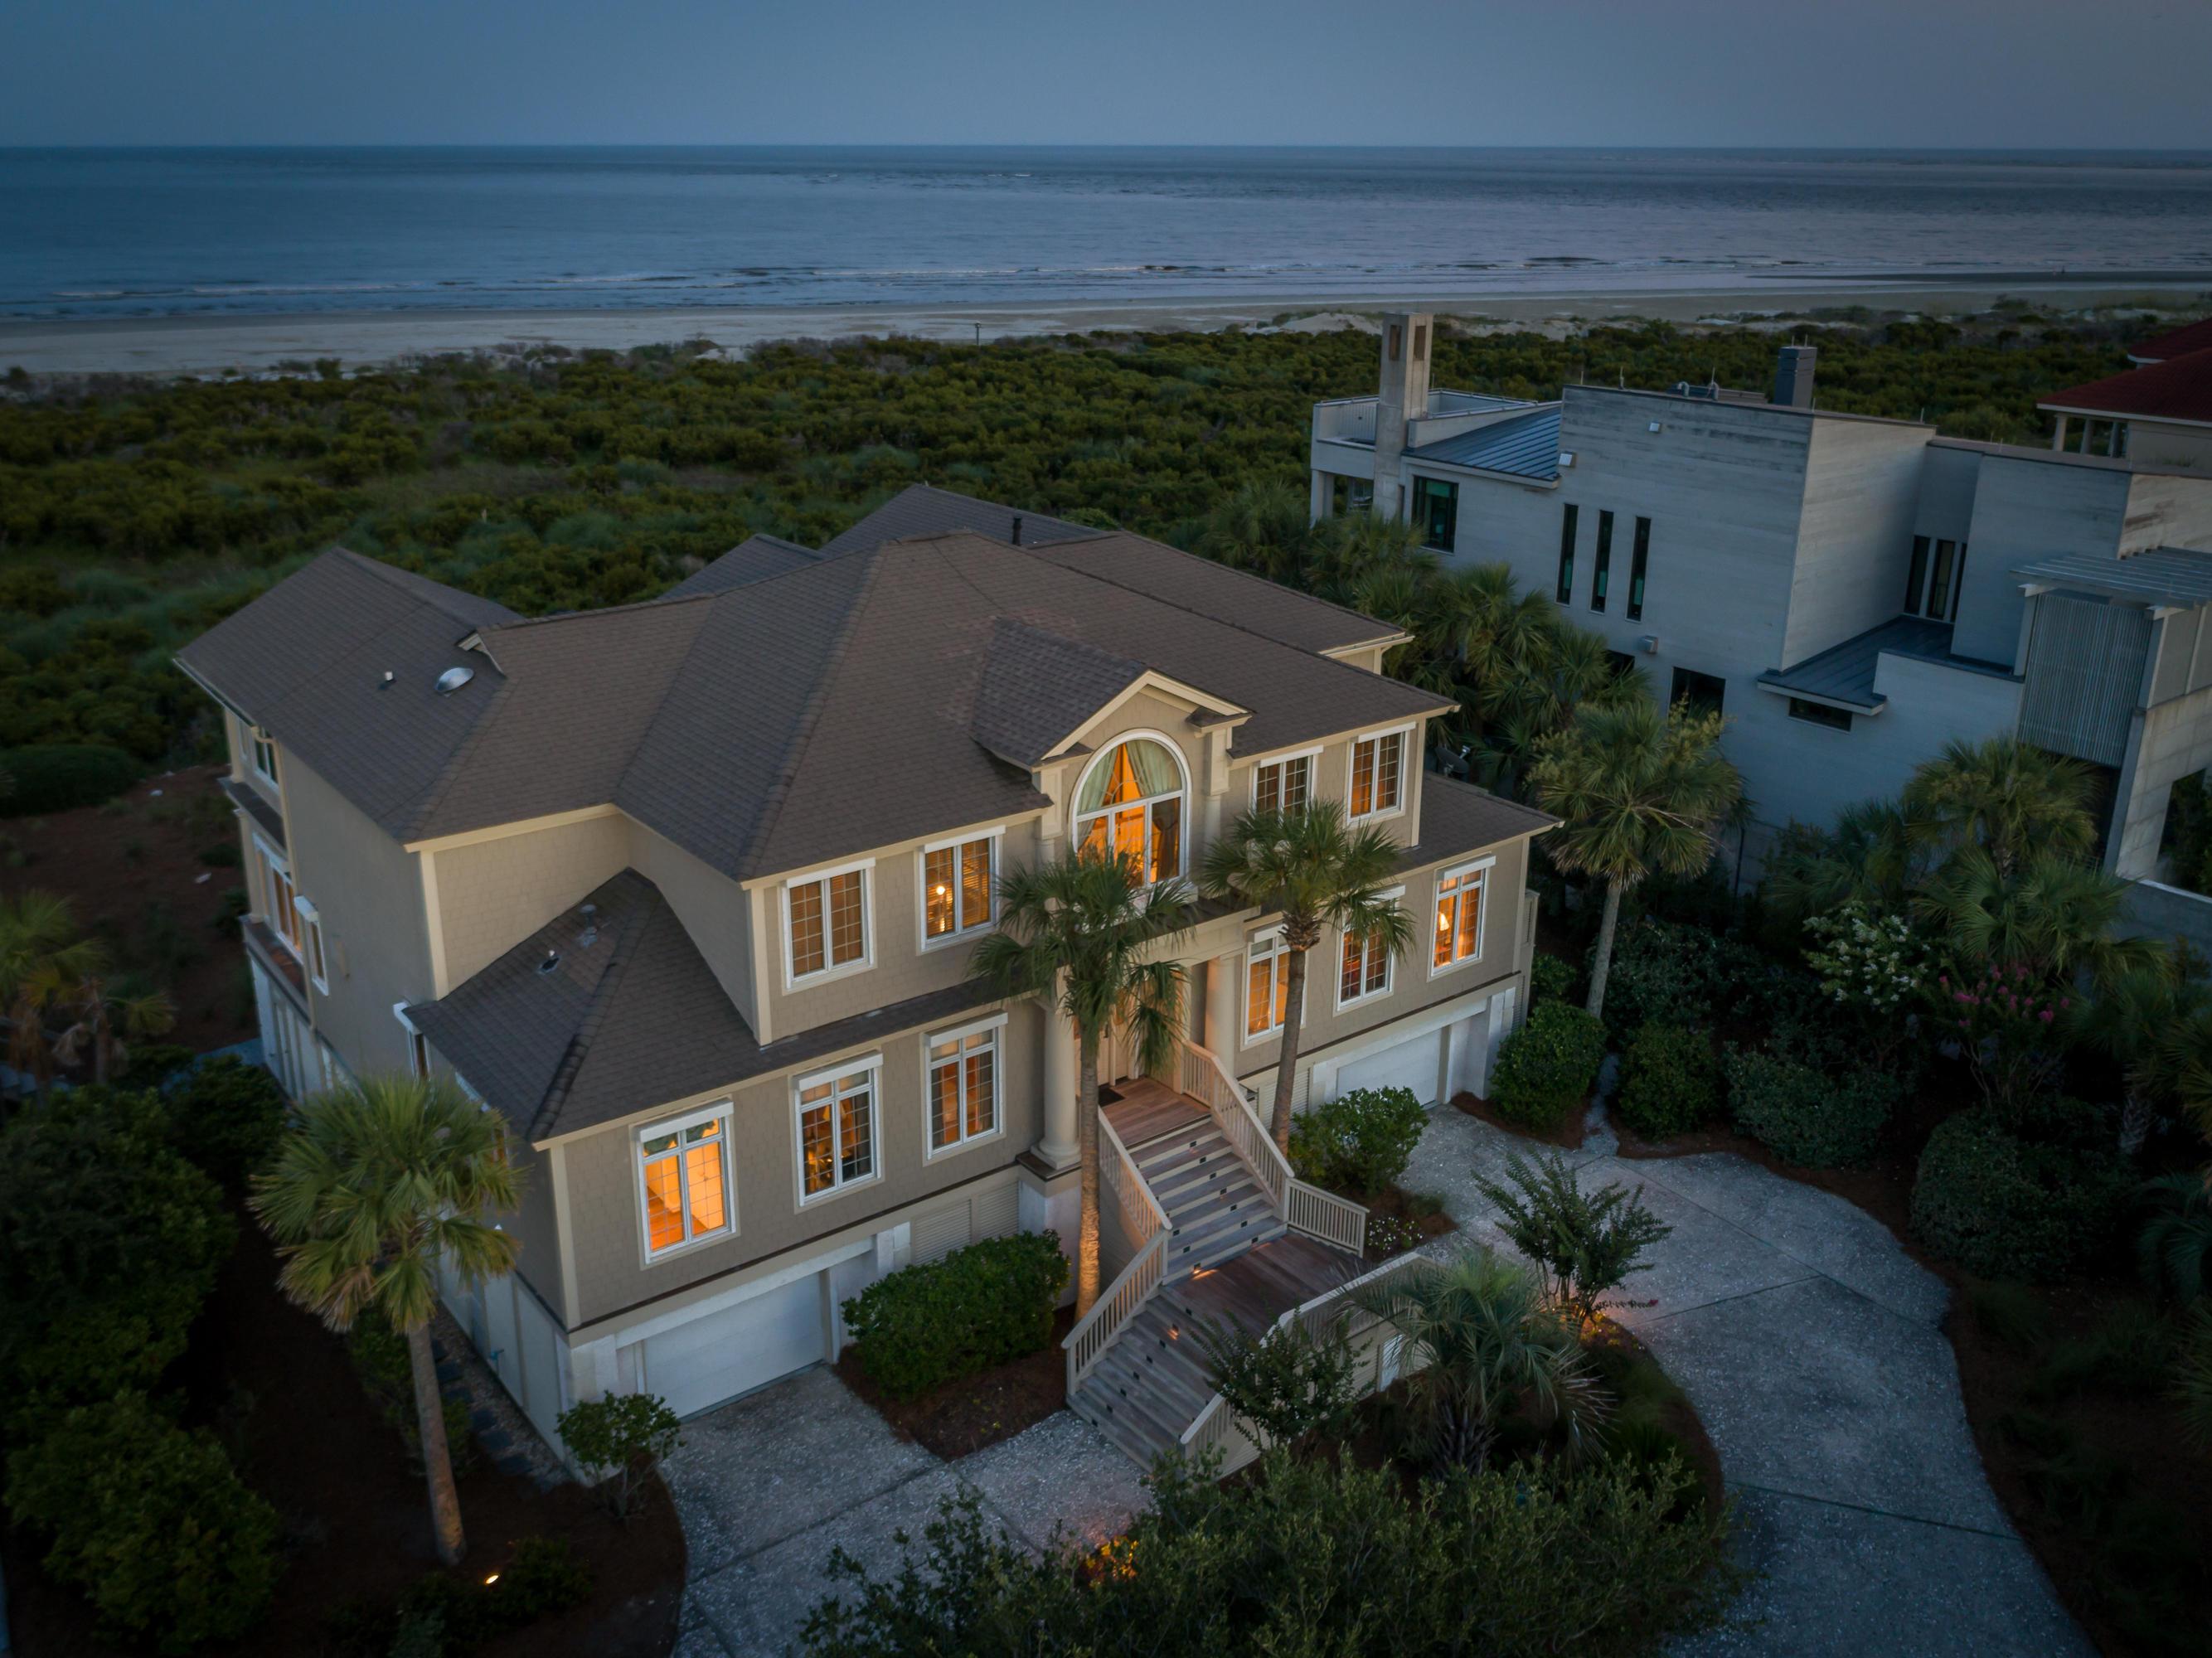 Seabrook Island Homes For Sale - 3640 Pompano, Seabrook Island, SC - 12